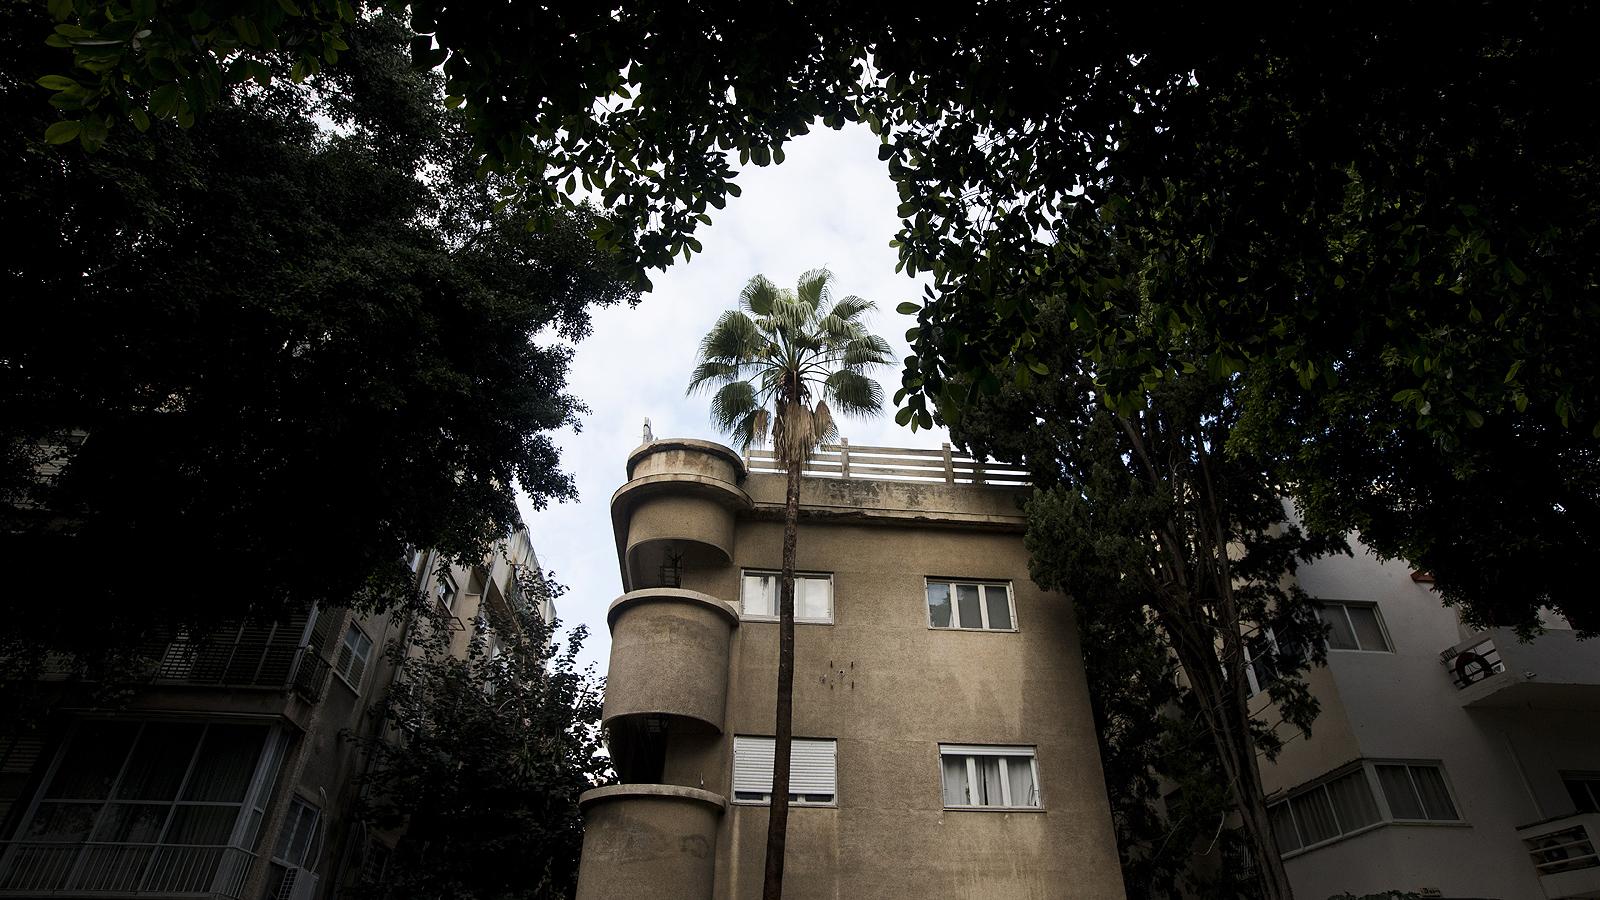 През 2003 г. ООН обяви израелския Бял град за обект на световно културно наследство, което предизвика нов интерес към модернистичния комплекс.